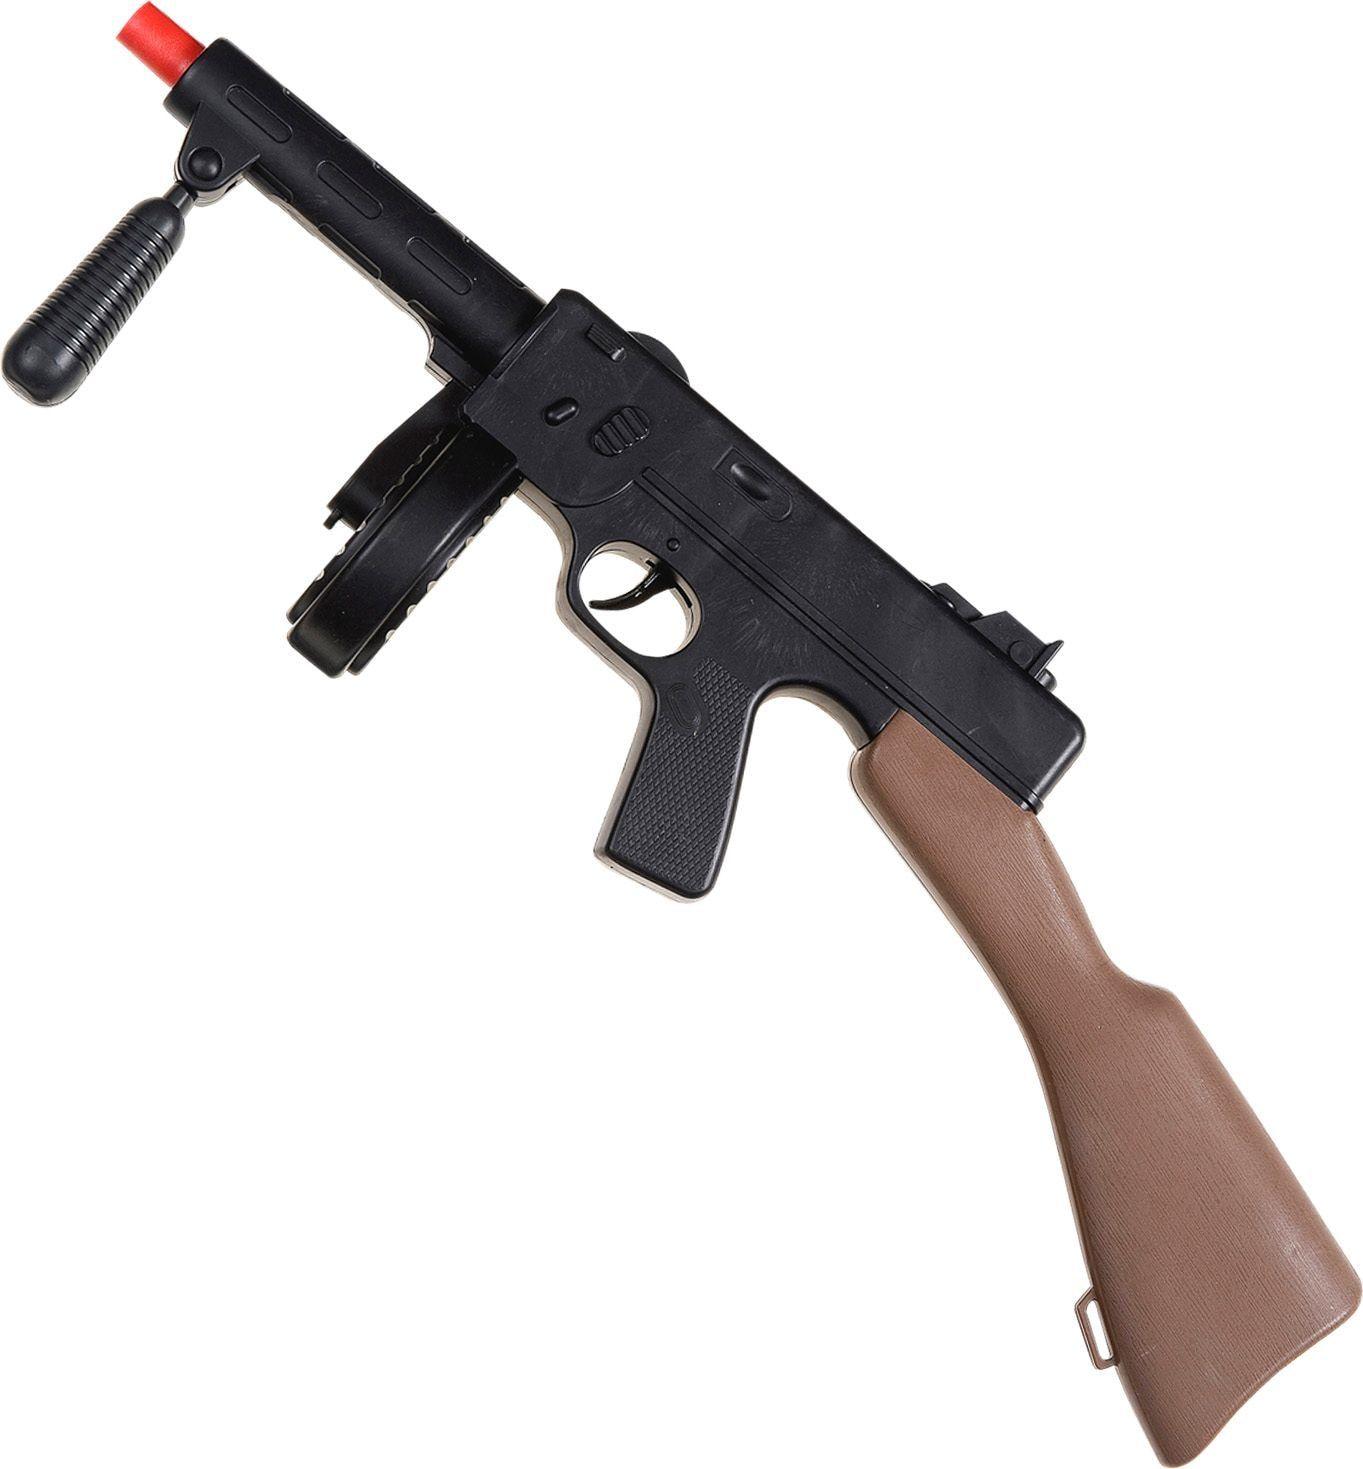 Ump machinegeweer met geluid